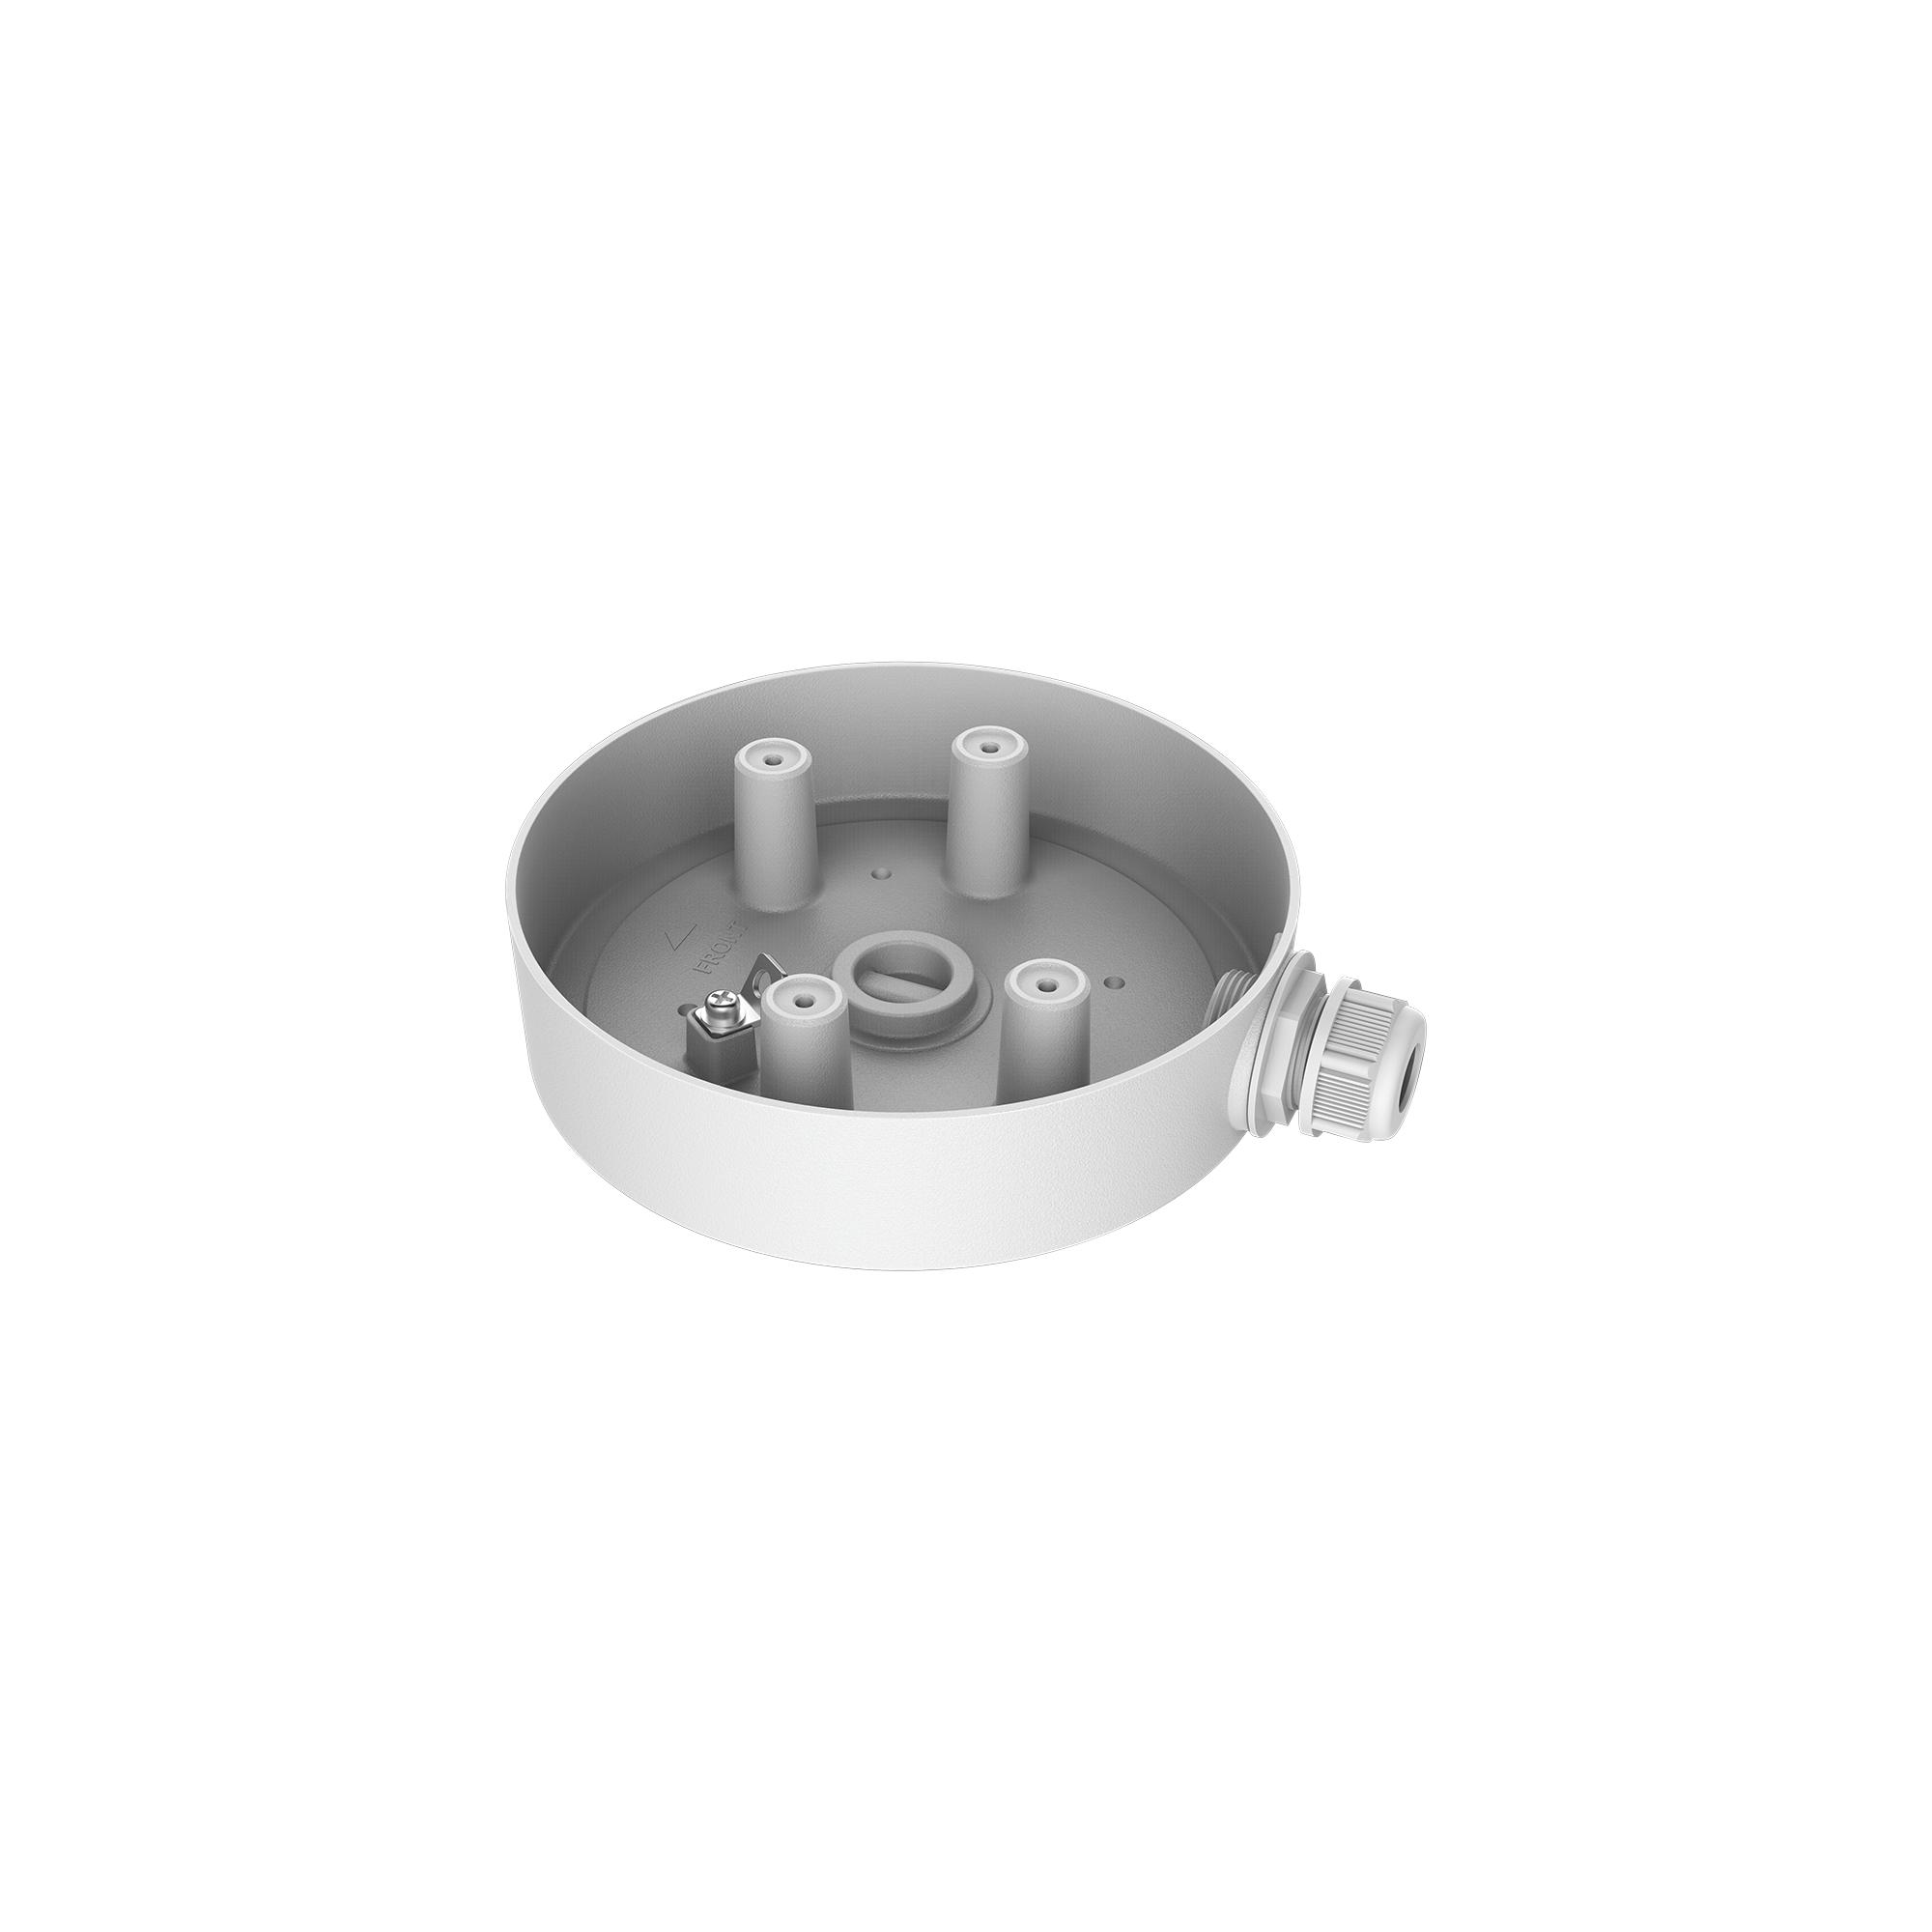 Caja de conexiones para PTZ 4 diseño a prueba de agua